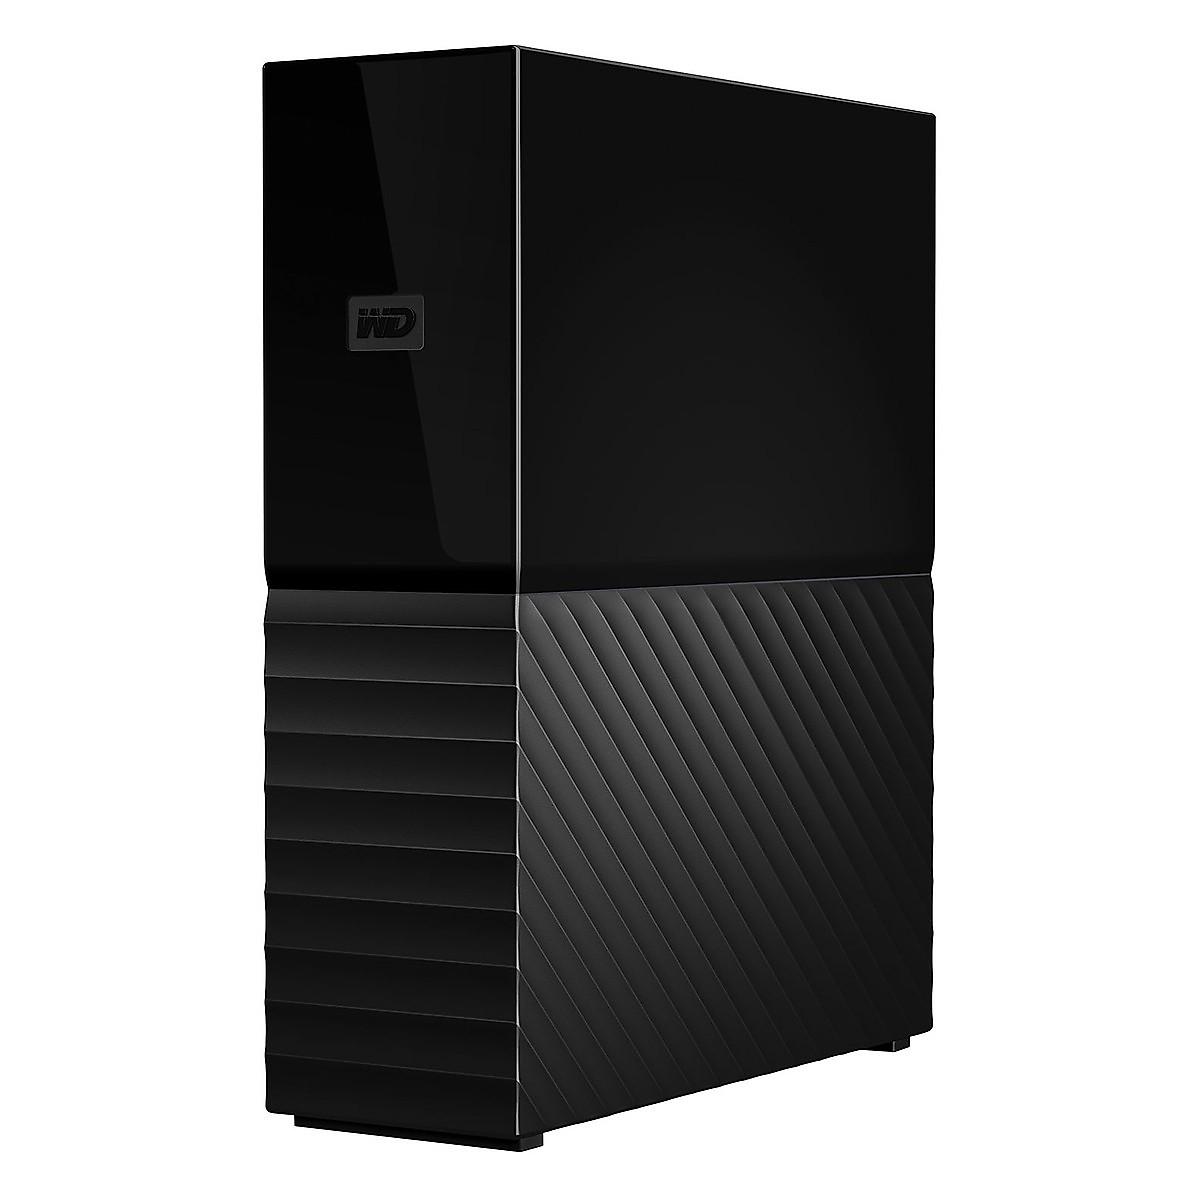 Ổ Cứng Di Động WD My Book 6TB 3.5 USB 3.0 – Hàng Nhập Khẩu